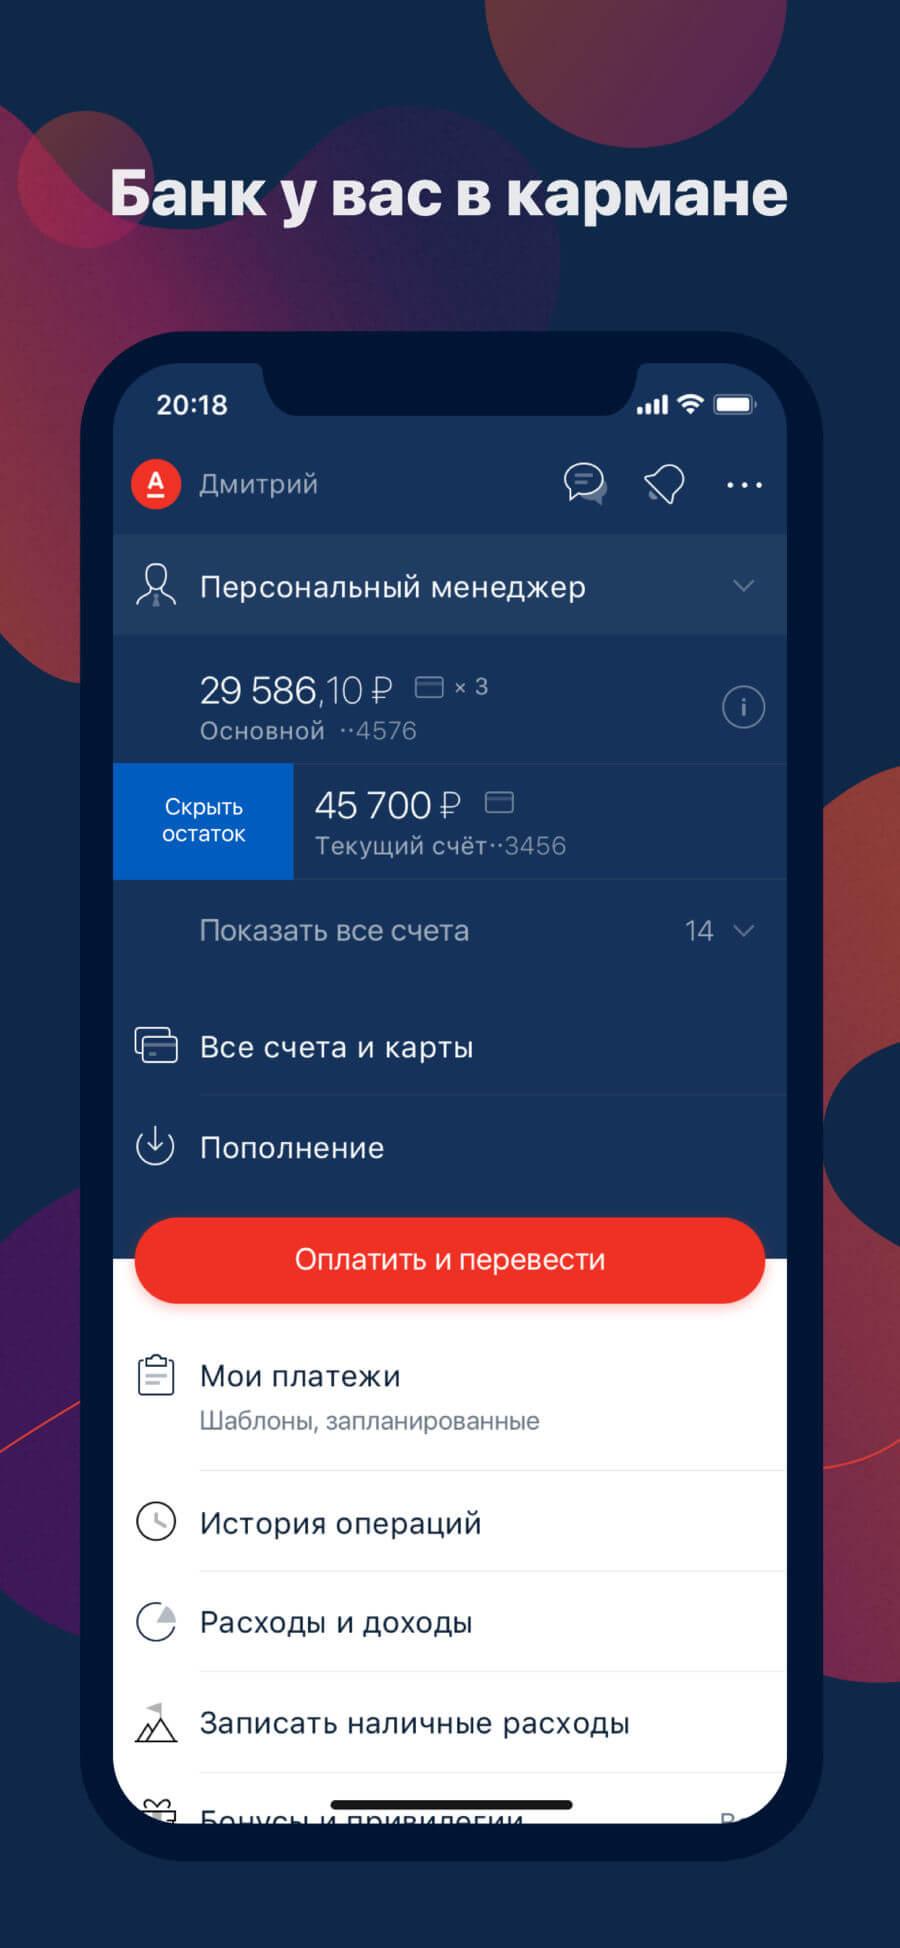 alfabank mobile - Как узнать есть ли деньги на карте альфа банка